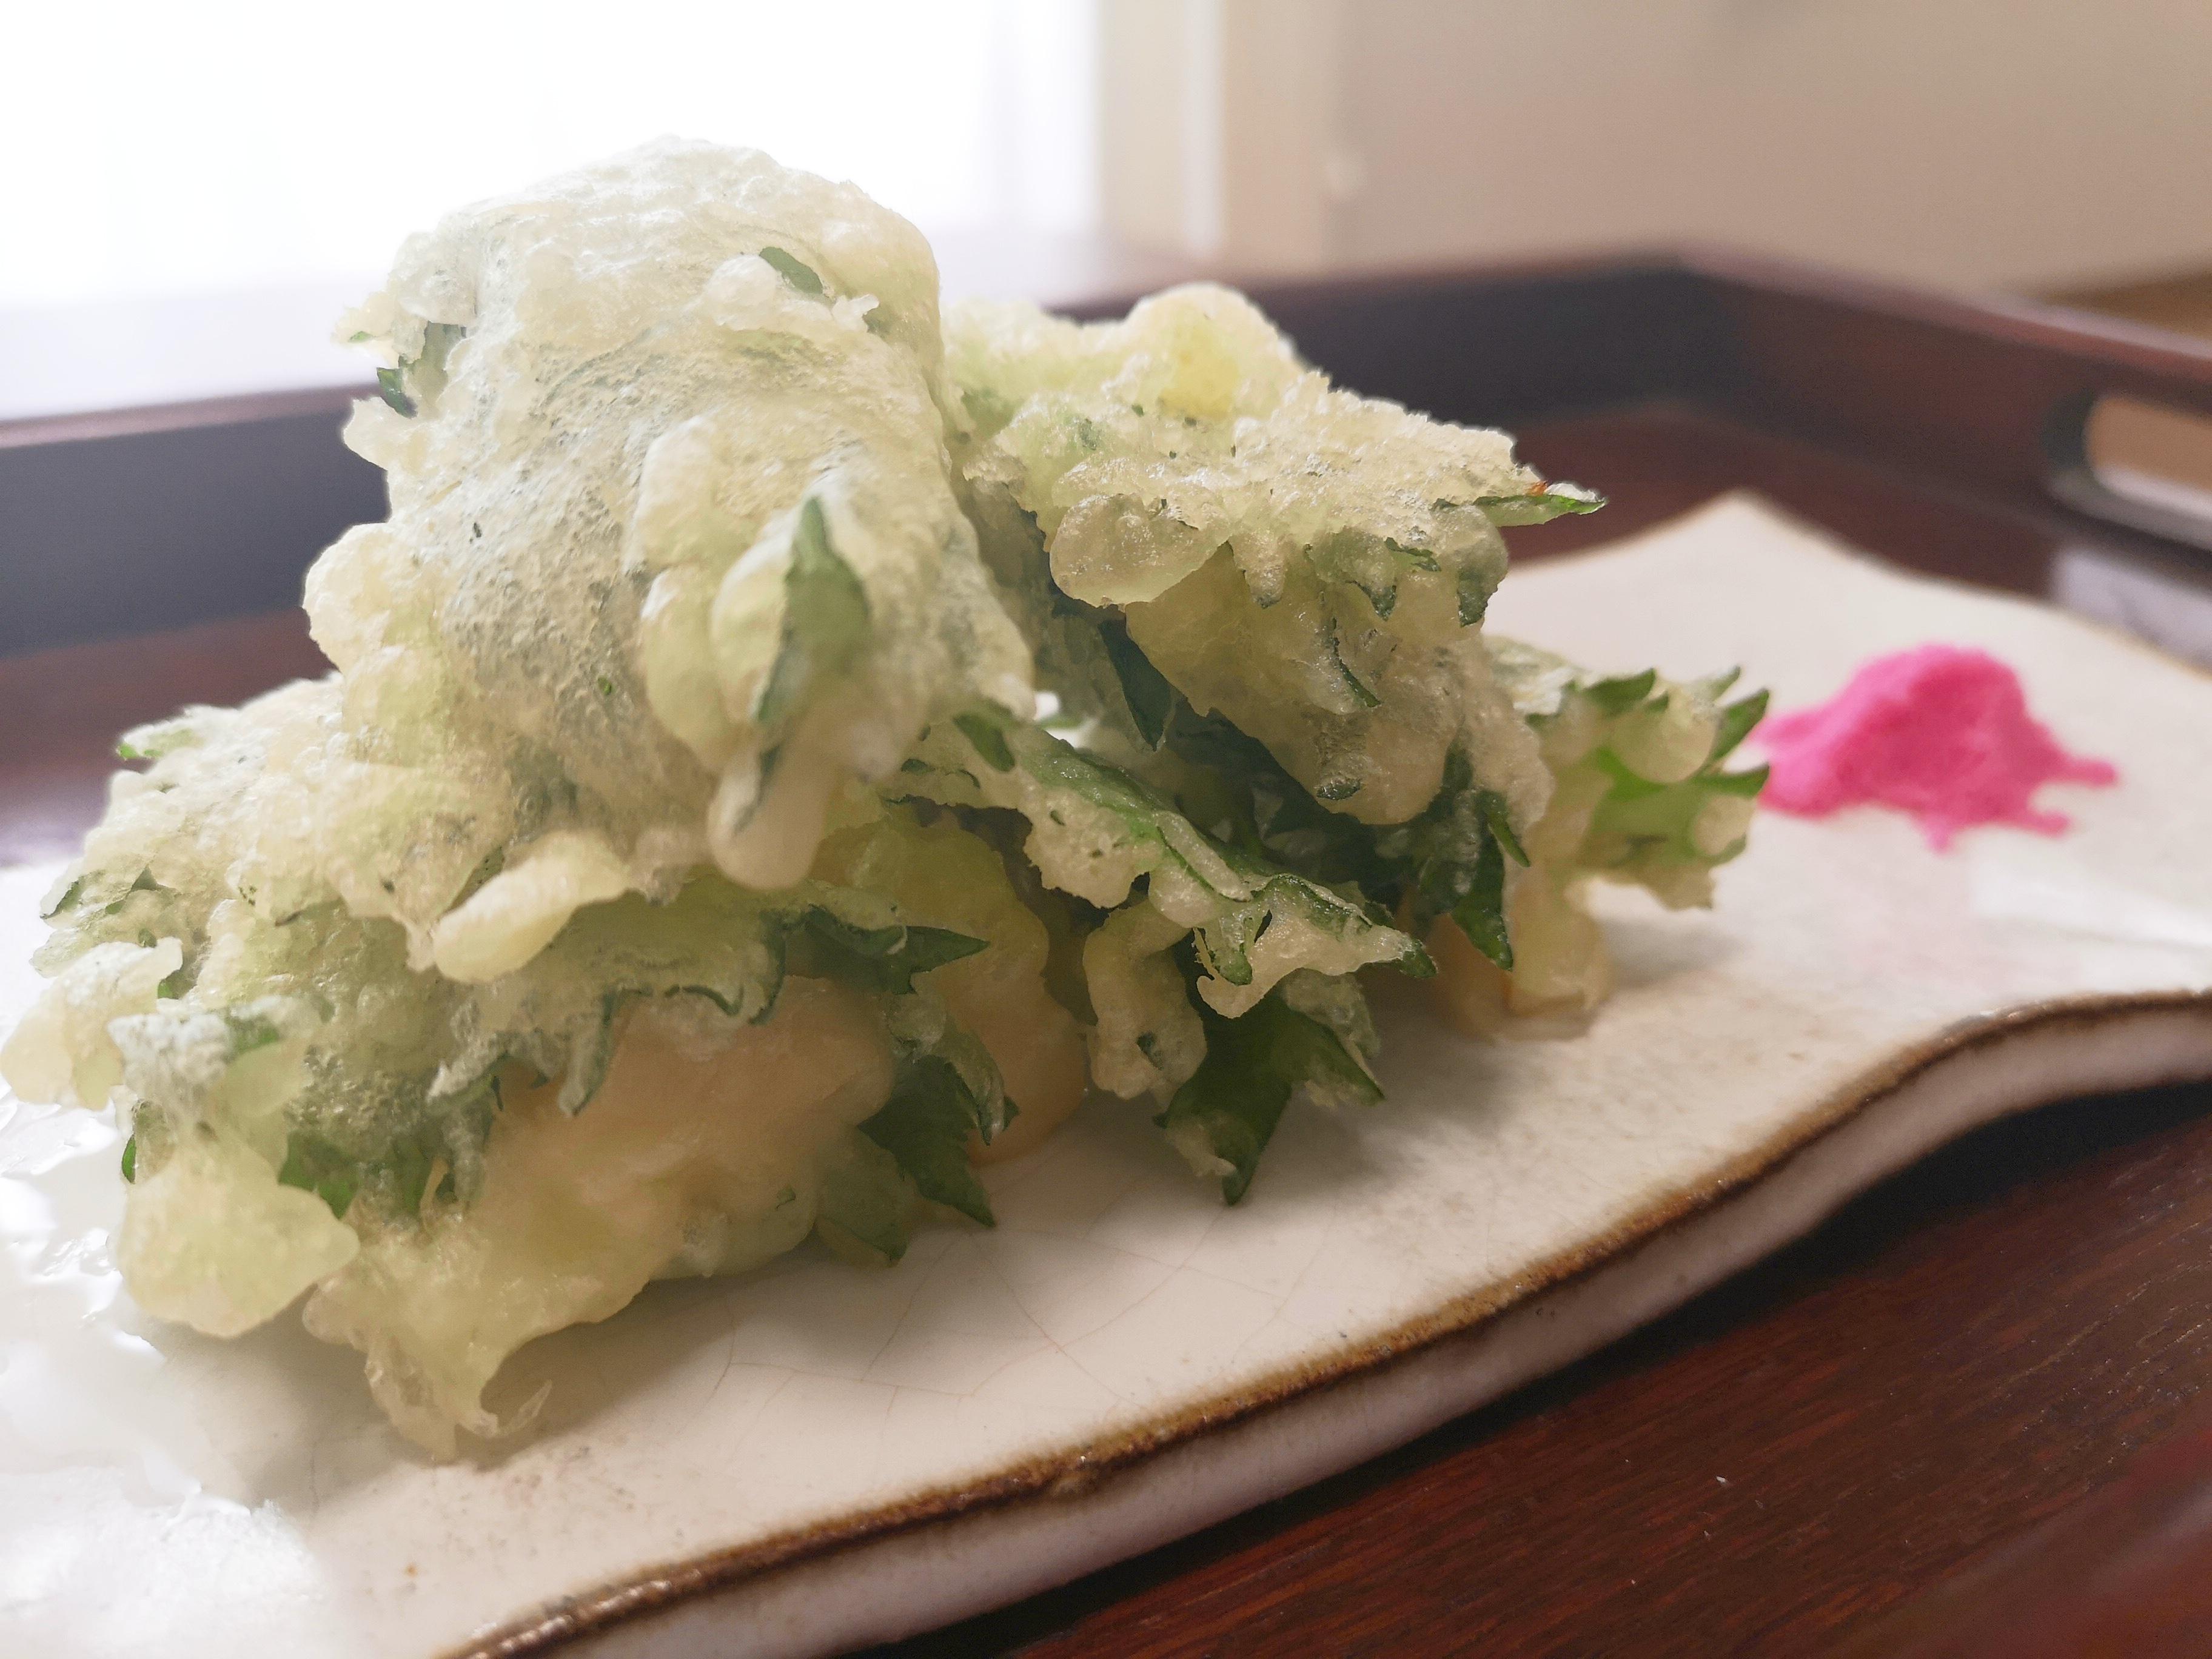 タケノコと青紫蘇の天ぷら 梅塩と一緒に!